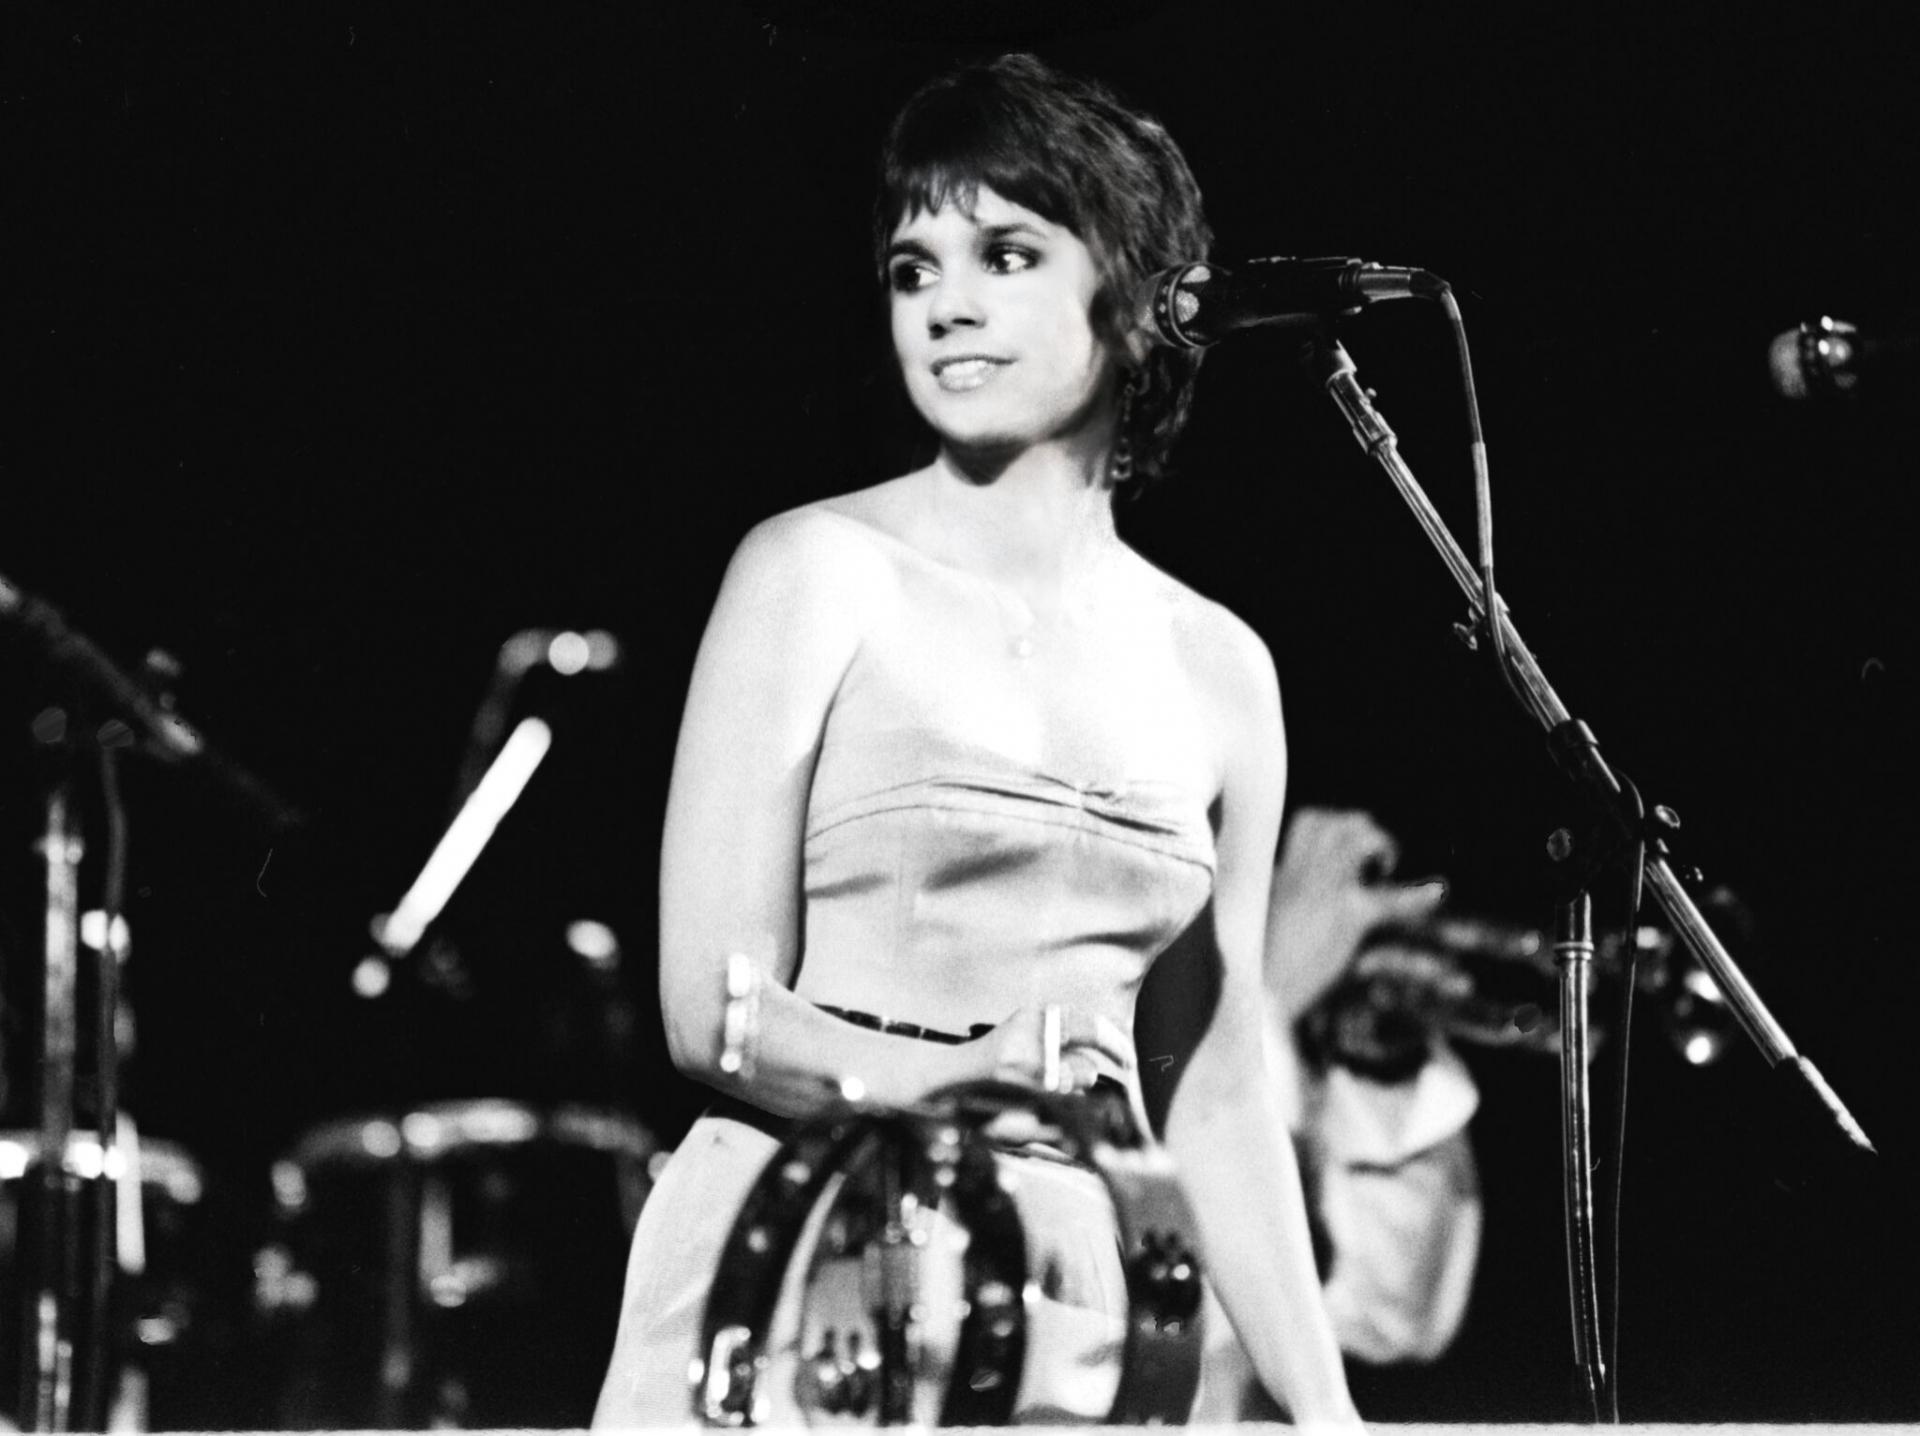 ウエスト・コーストの永遠の歌姫、リンダ・ロンシュタット初のライヴ・アルバムが発売、配信!「悪いあなた」のライヴ映像も公開